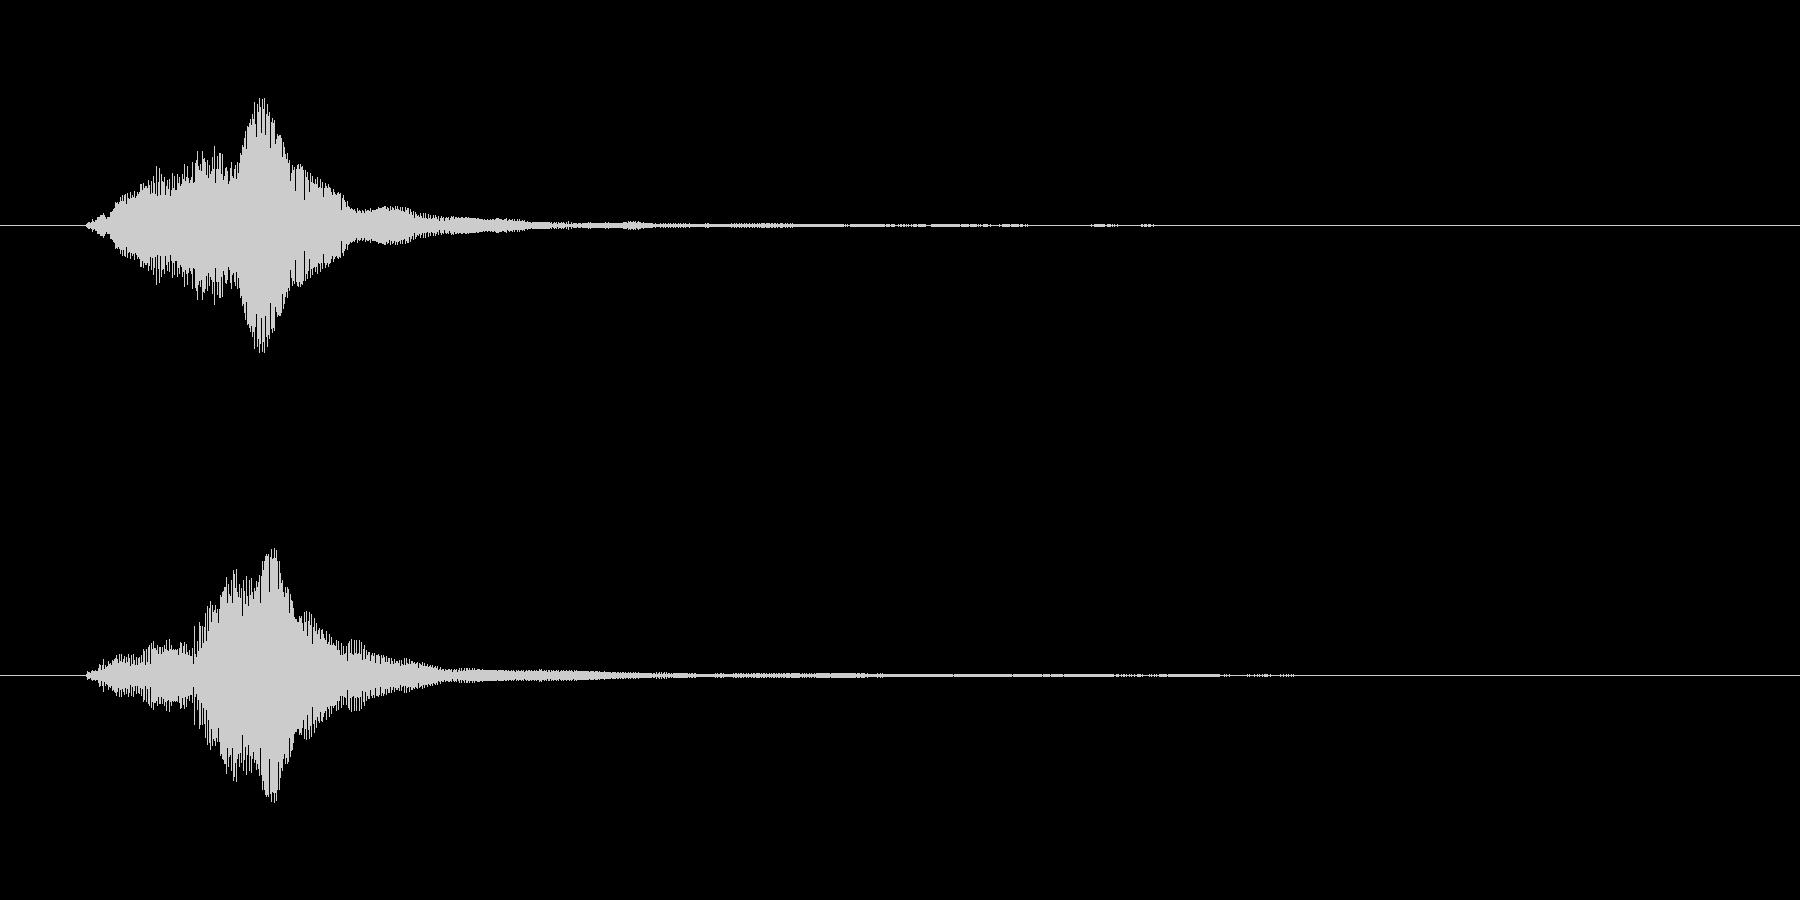 【ジャラン】バイオリンのスタッカートの音の未再生の波形